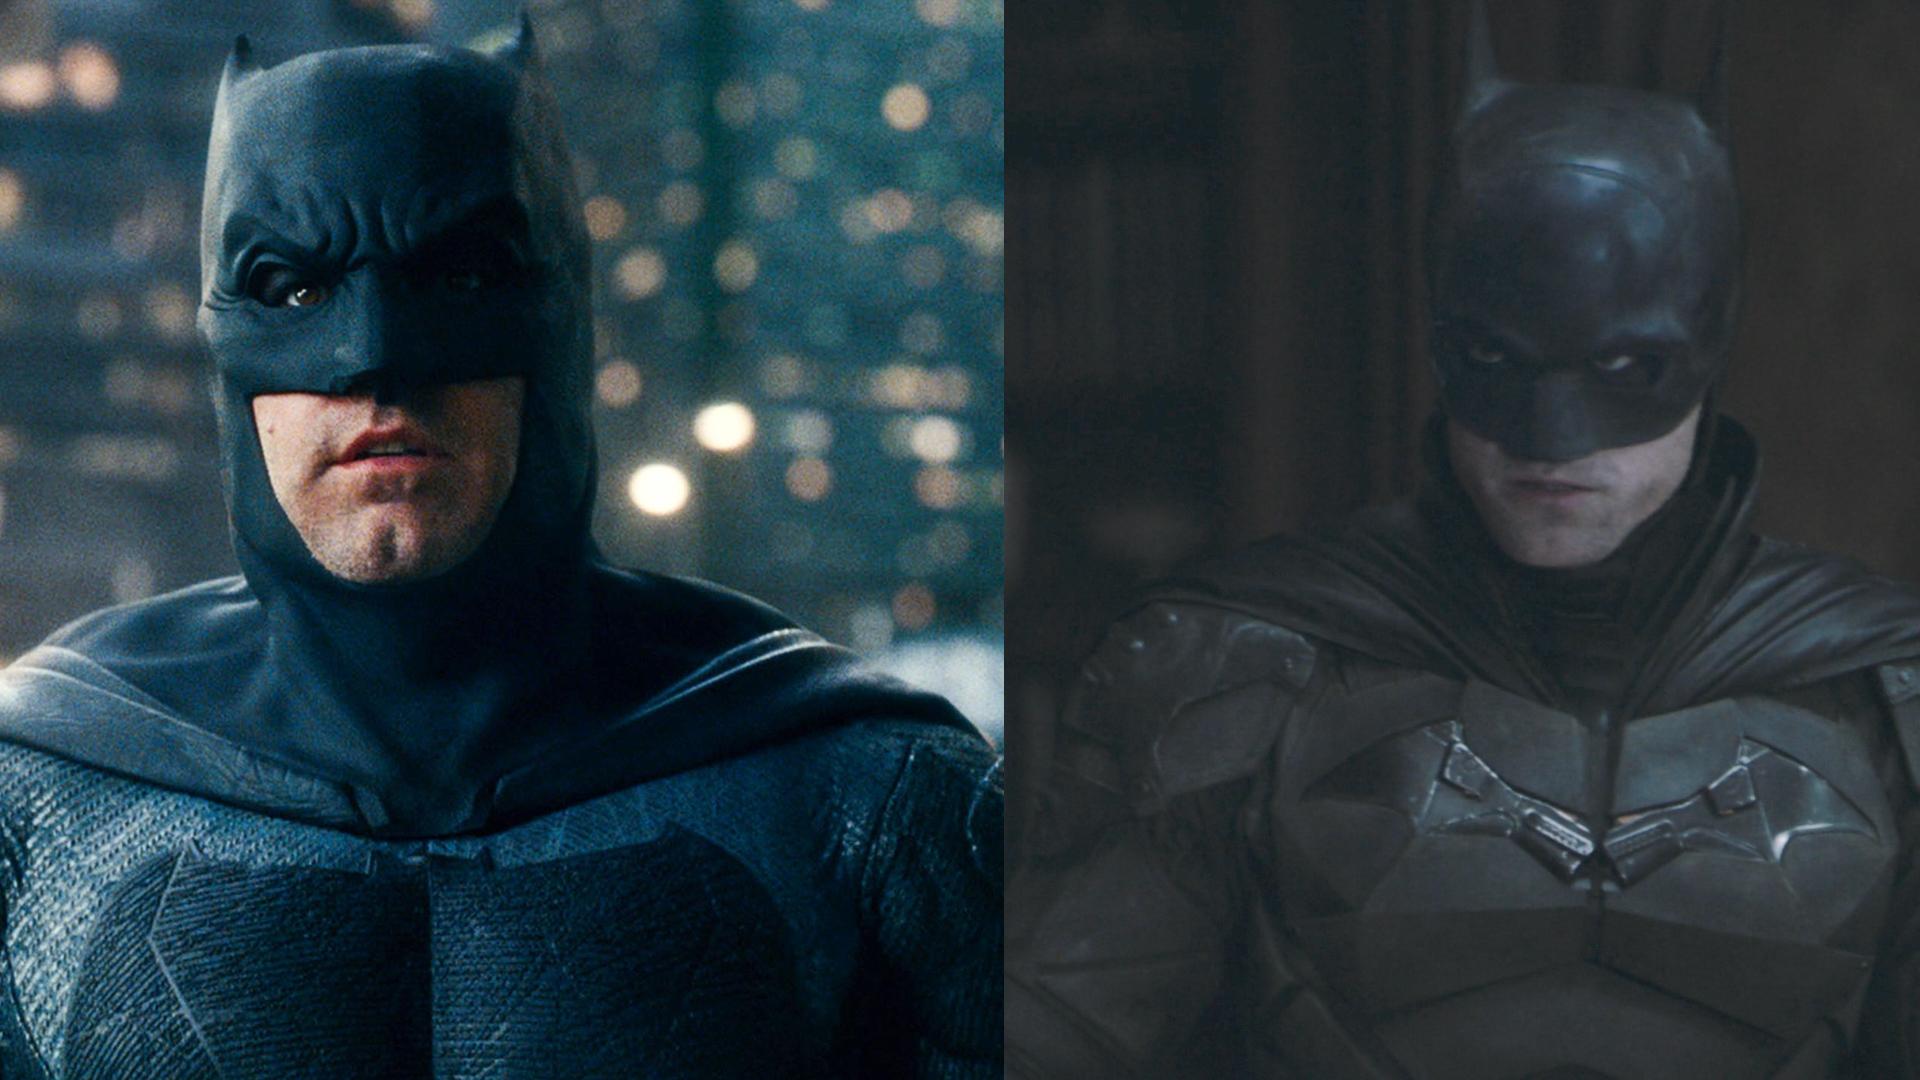 DC Comics terá duas versões de heróis nos cinemas, criando um multiverso com Terra 1 e Terra 2